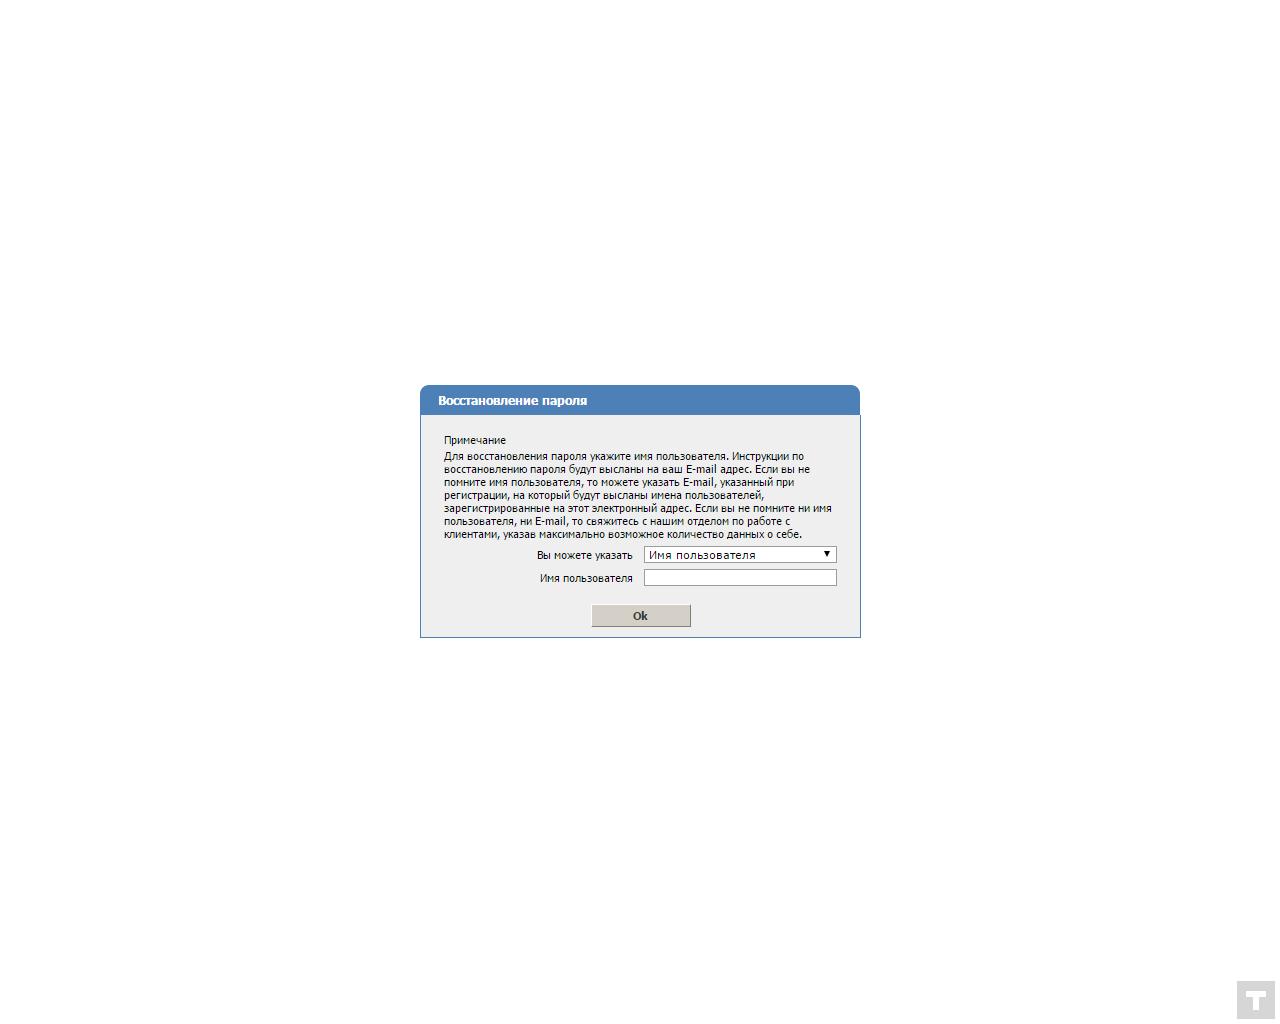 Указать данные для восстановления пароля